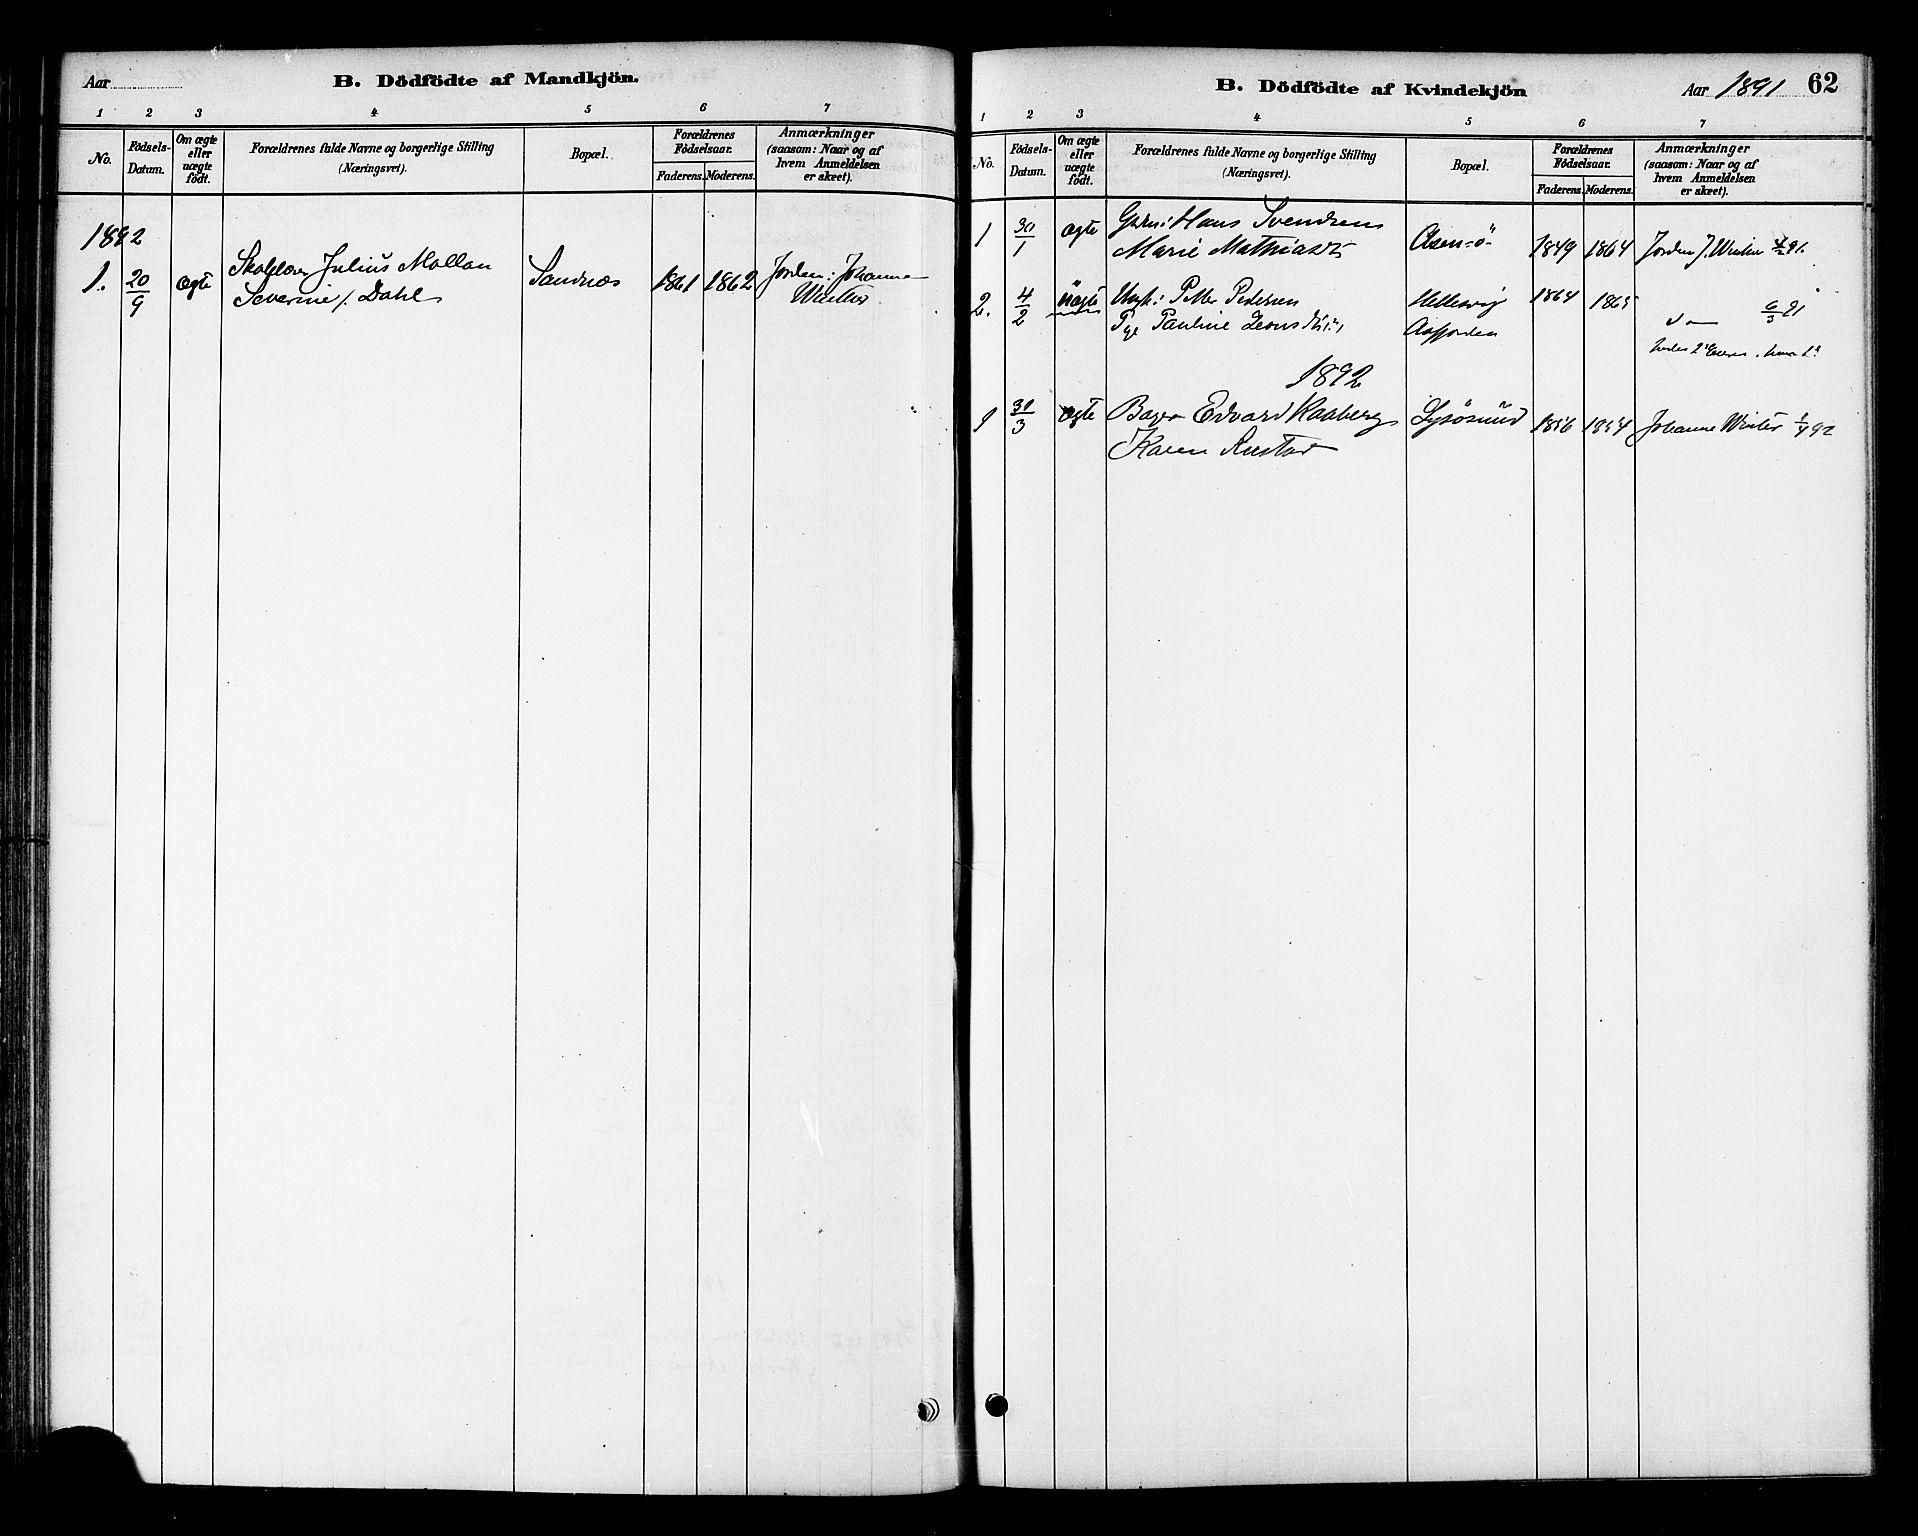 SAT, Ministerialprotokoller, klokkerbøker og fødselsregistre - Sør-Trøndelag, 654/L0663: Ministerialbok nr. 654A01, 1880-1894, s. 62